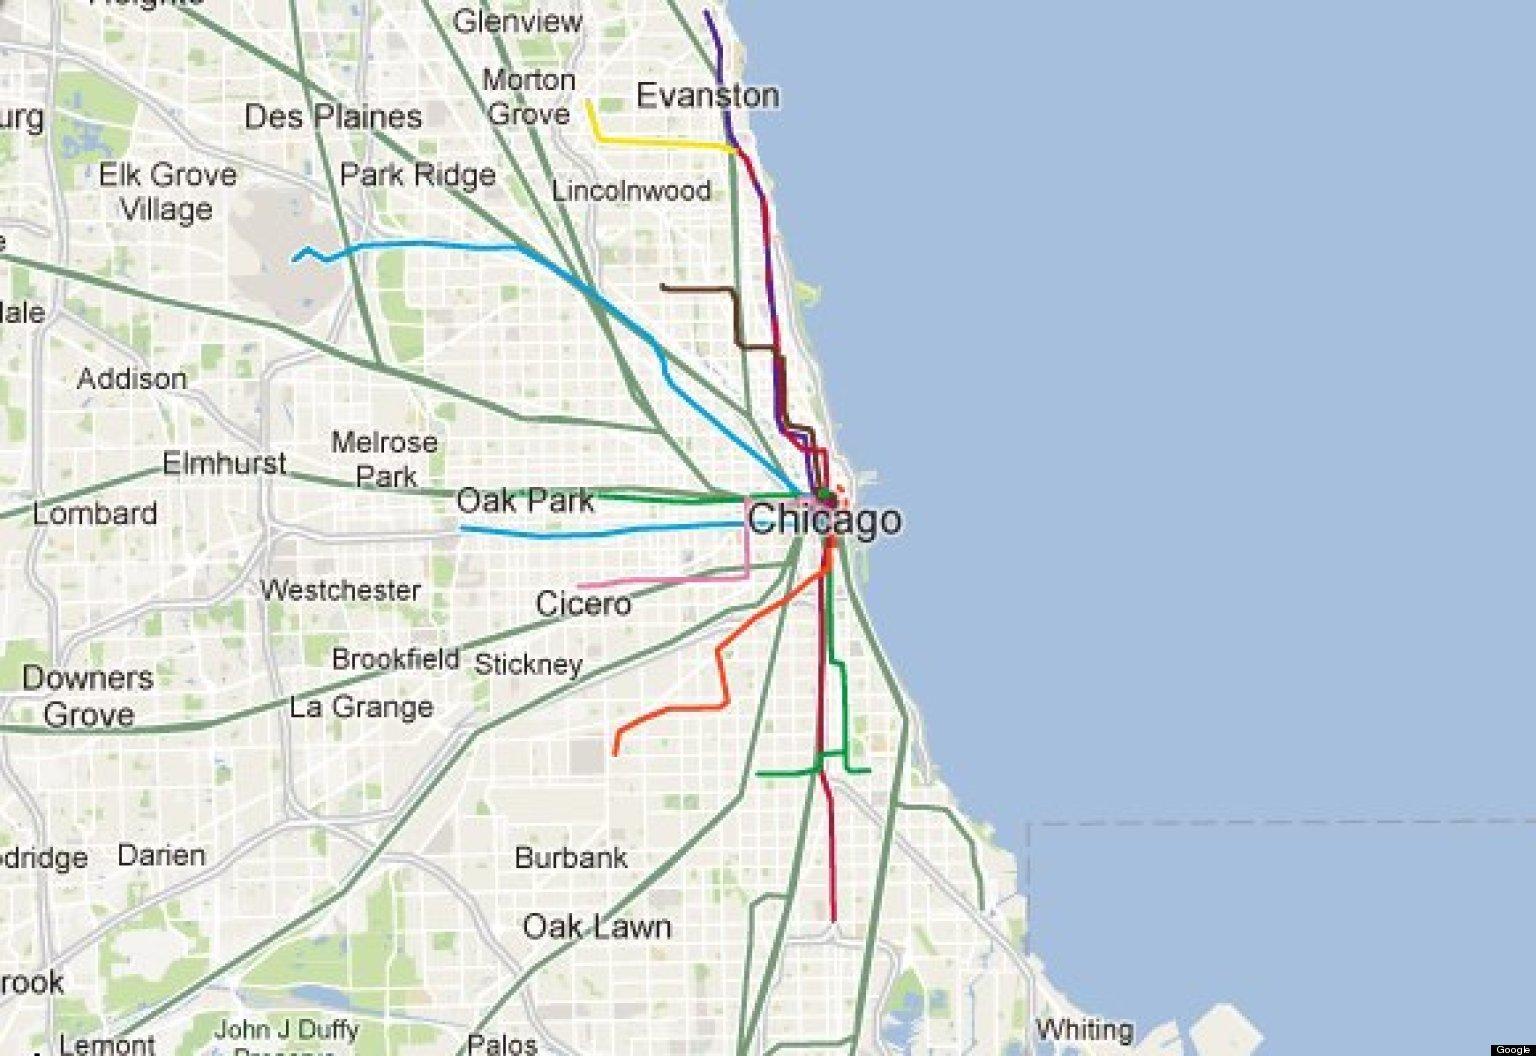 linje på kart Chicago blå linje kart   Chicago blå linje tog kart (Usa) linje på kart